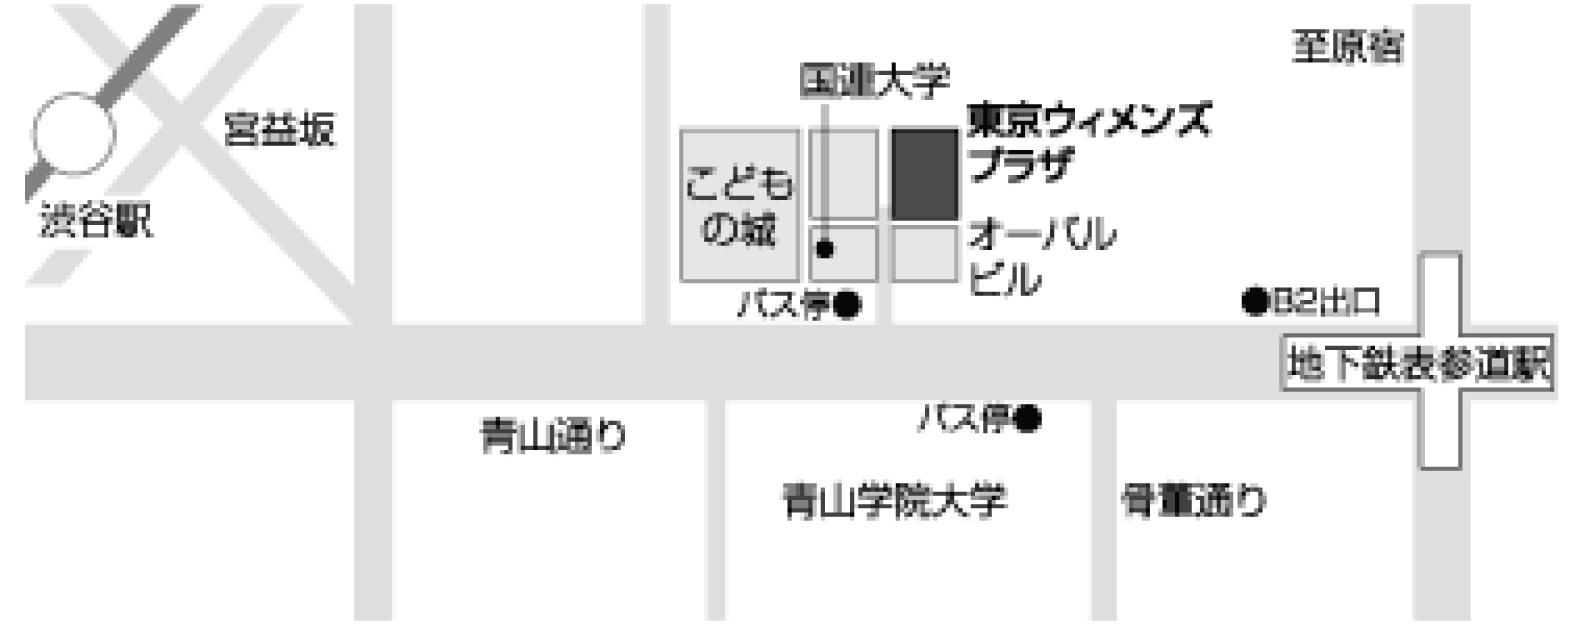 東京ウイメンズプラザ